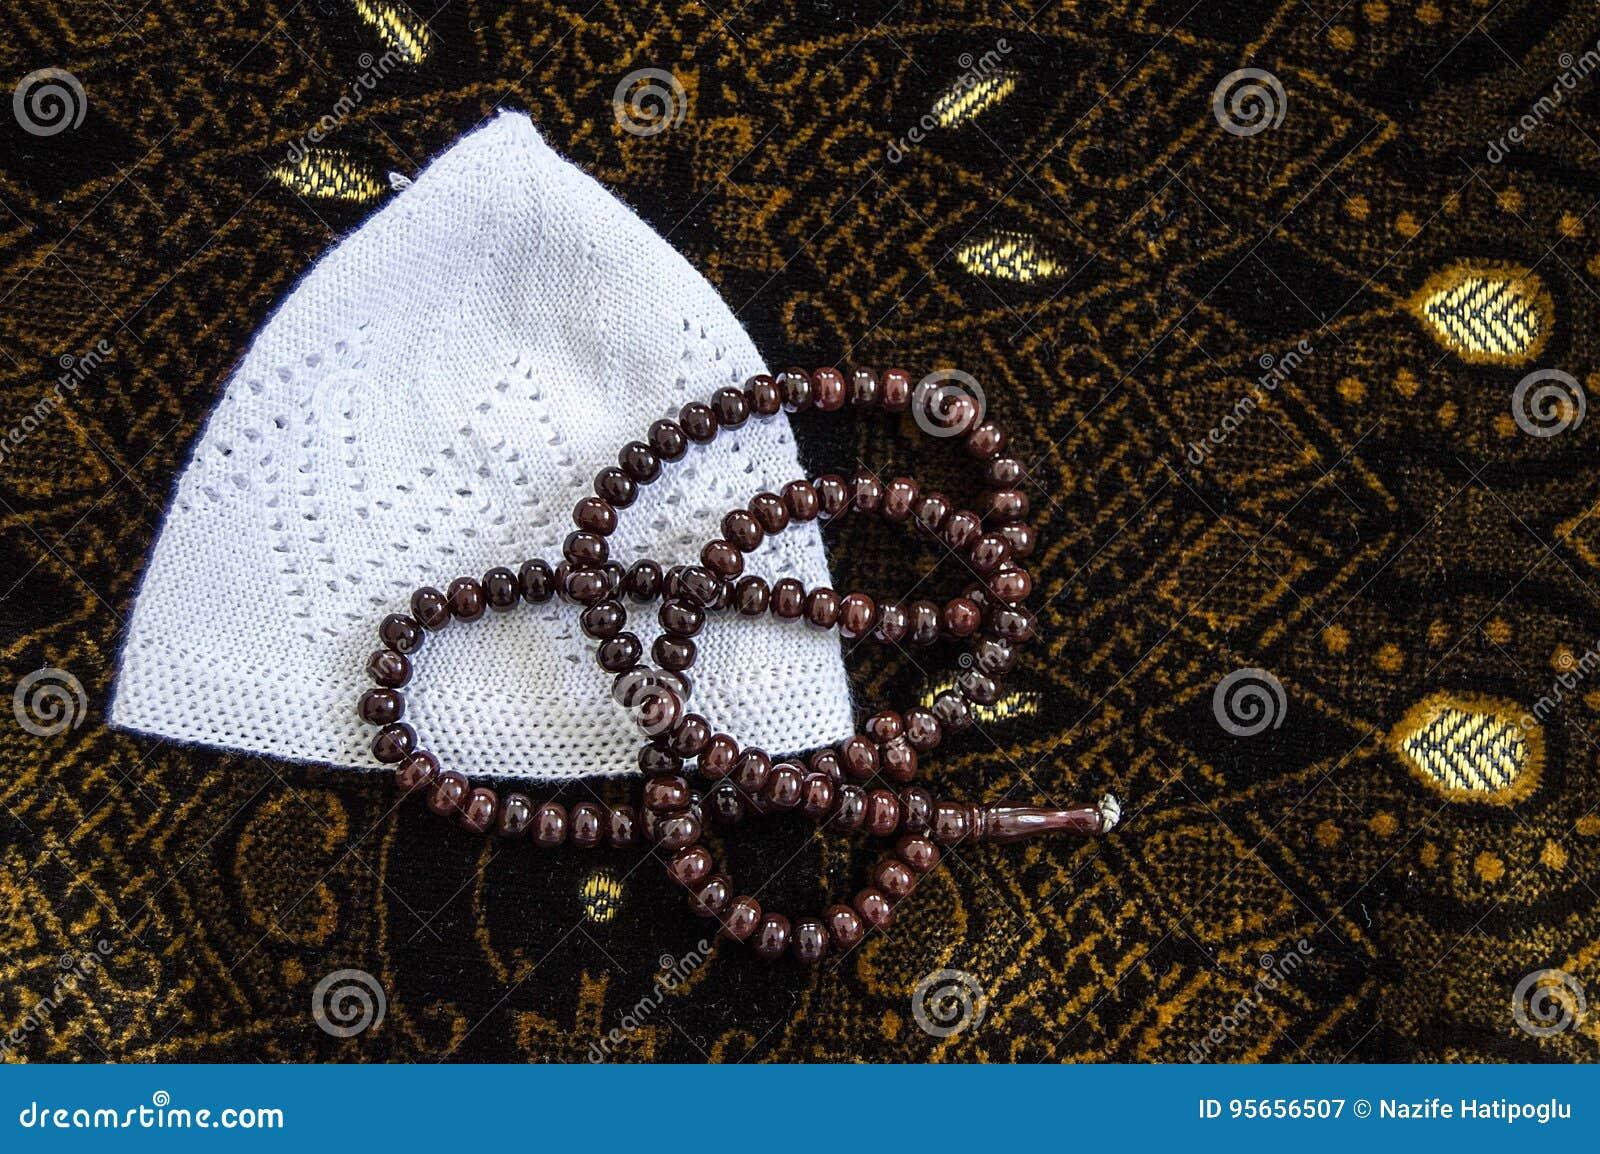 Islam y rezo a rogar, a rogar y alfombra de la manta de rezo,